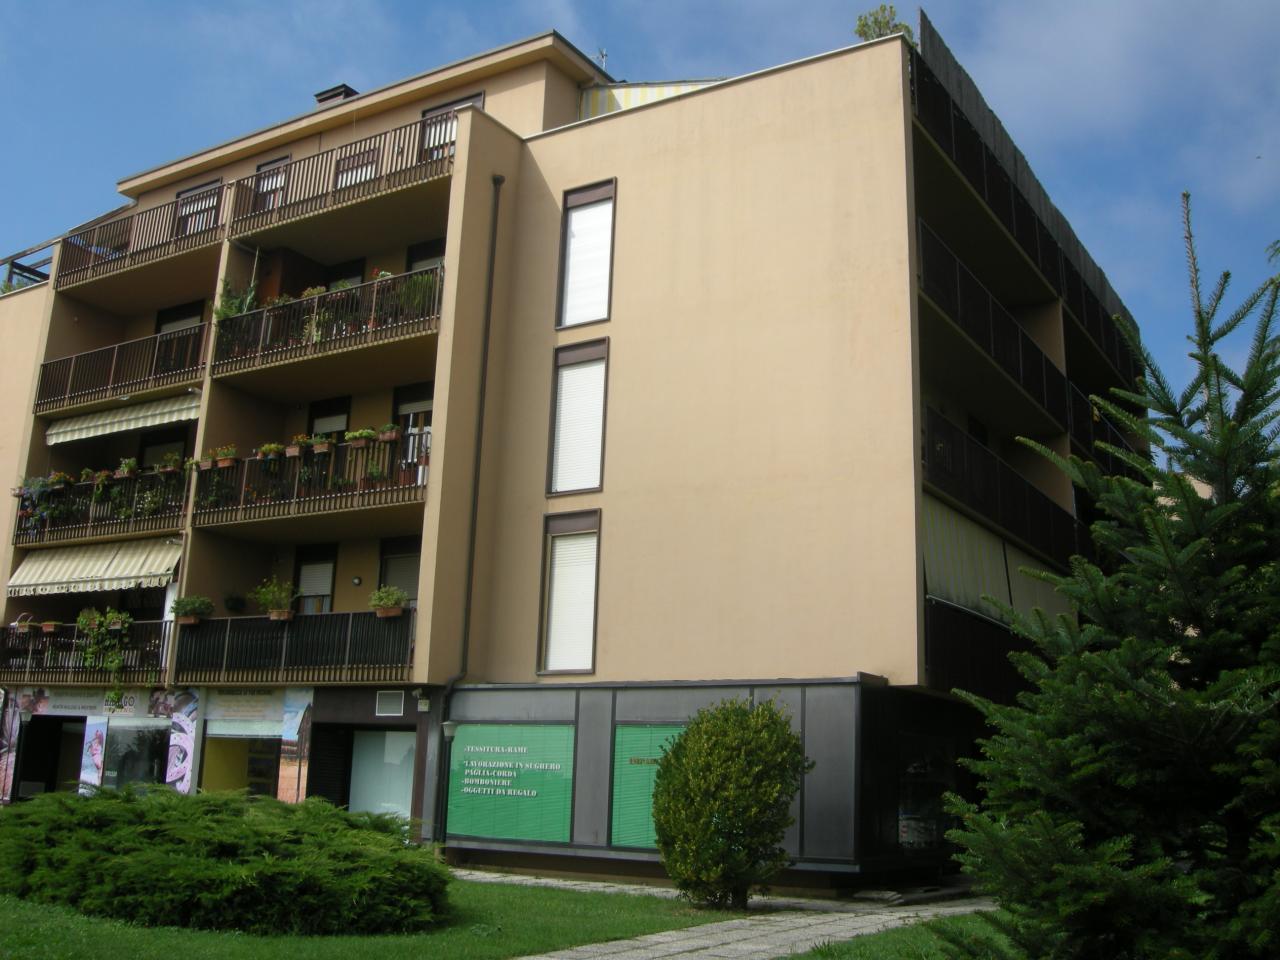 Appartamento in vendita a Bastia Umbra, 4 locali, prezzo € 125.000 | Cambio Casa.it